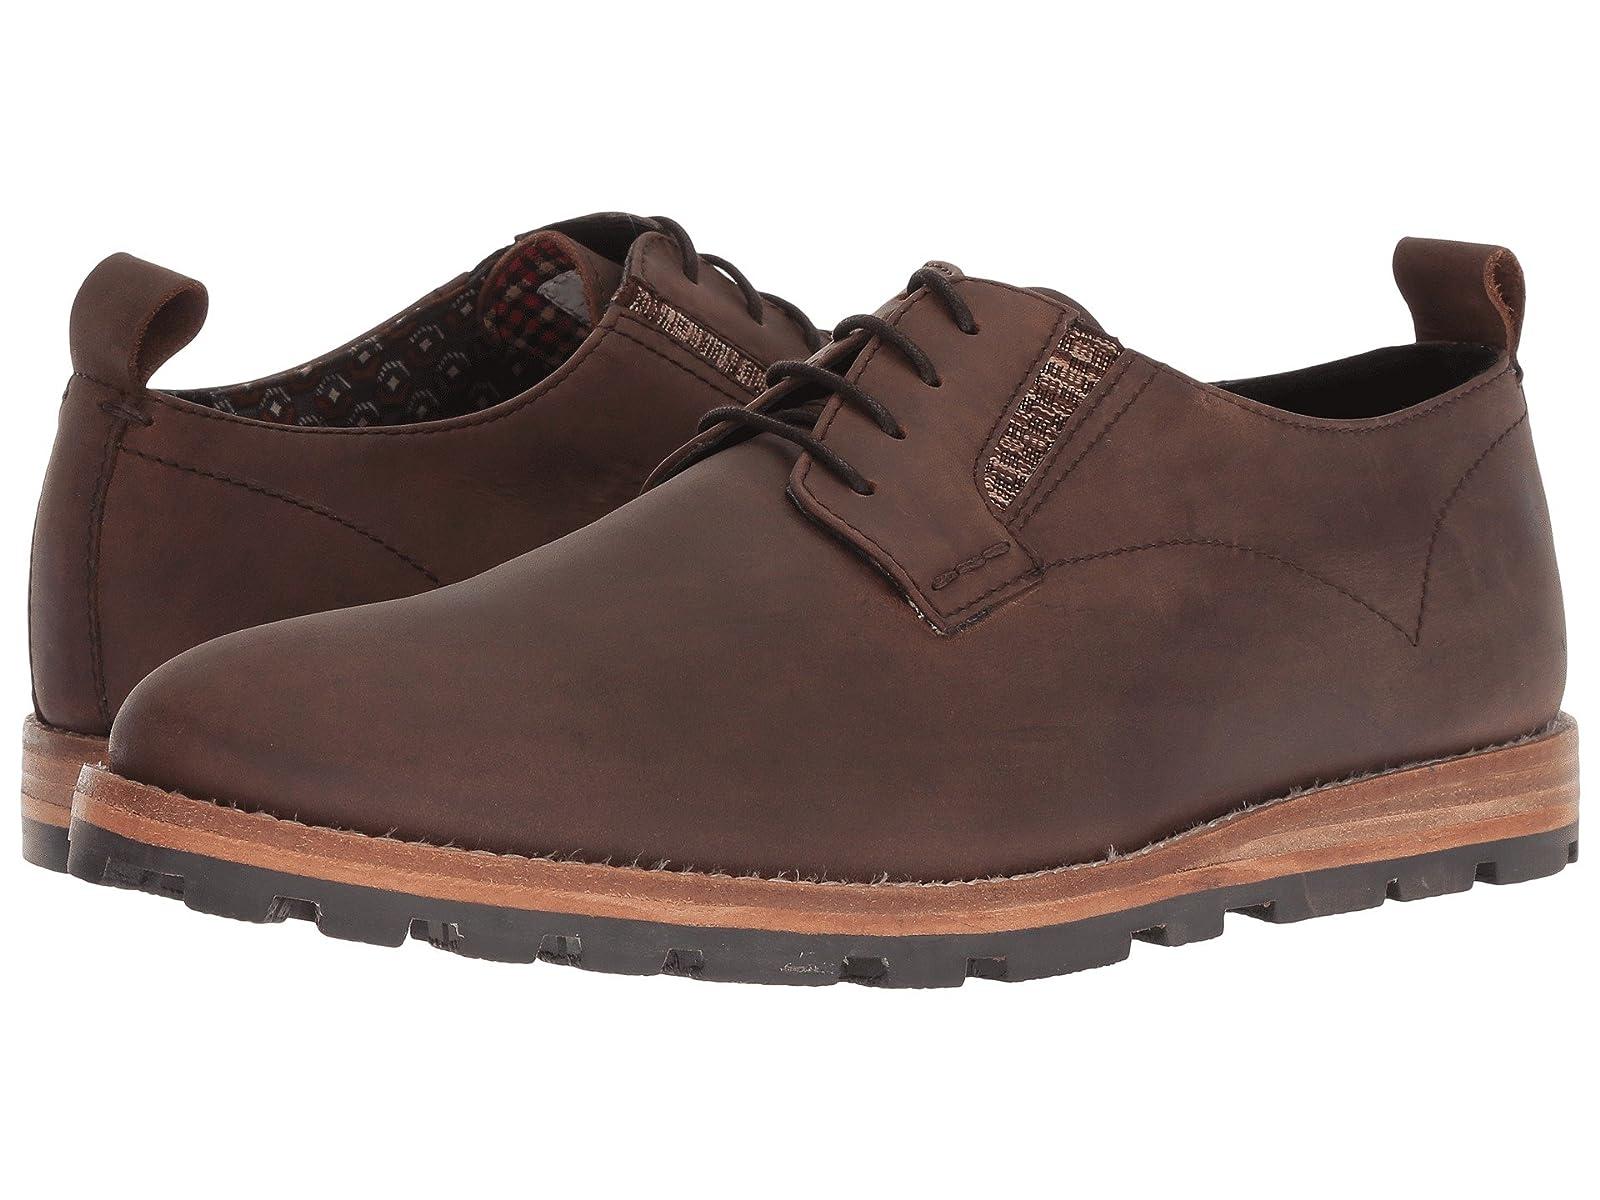 Ben Sherman BarnesAtmospheric grades have affordable shoes